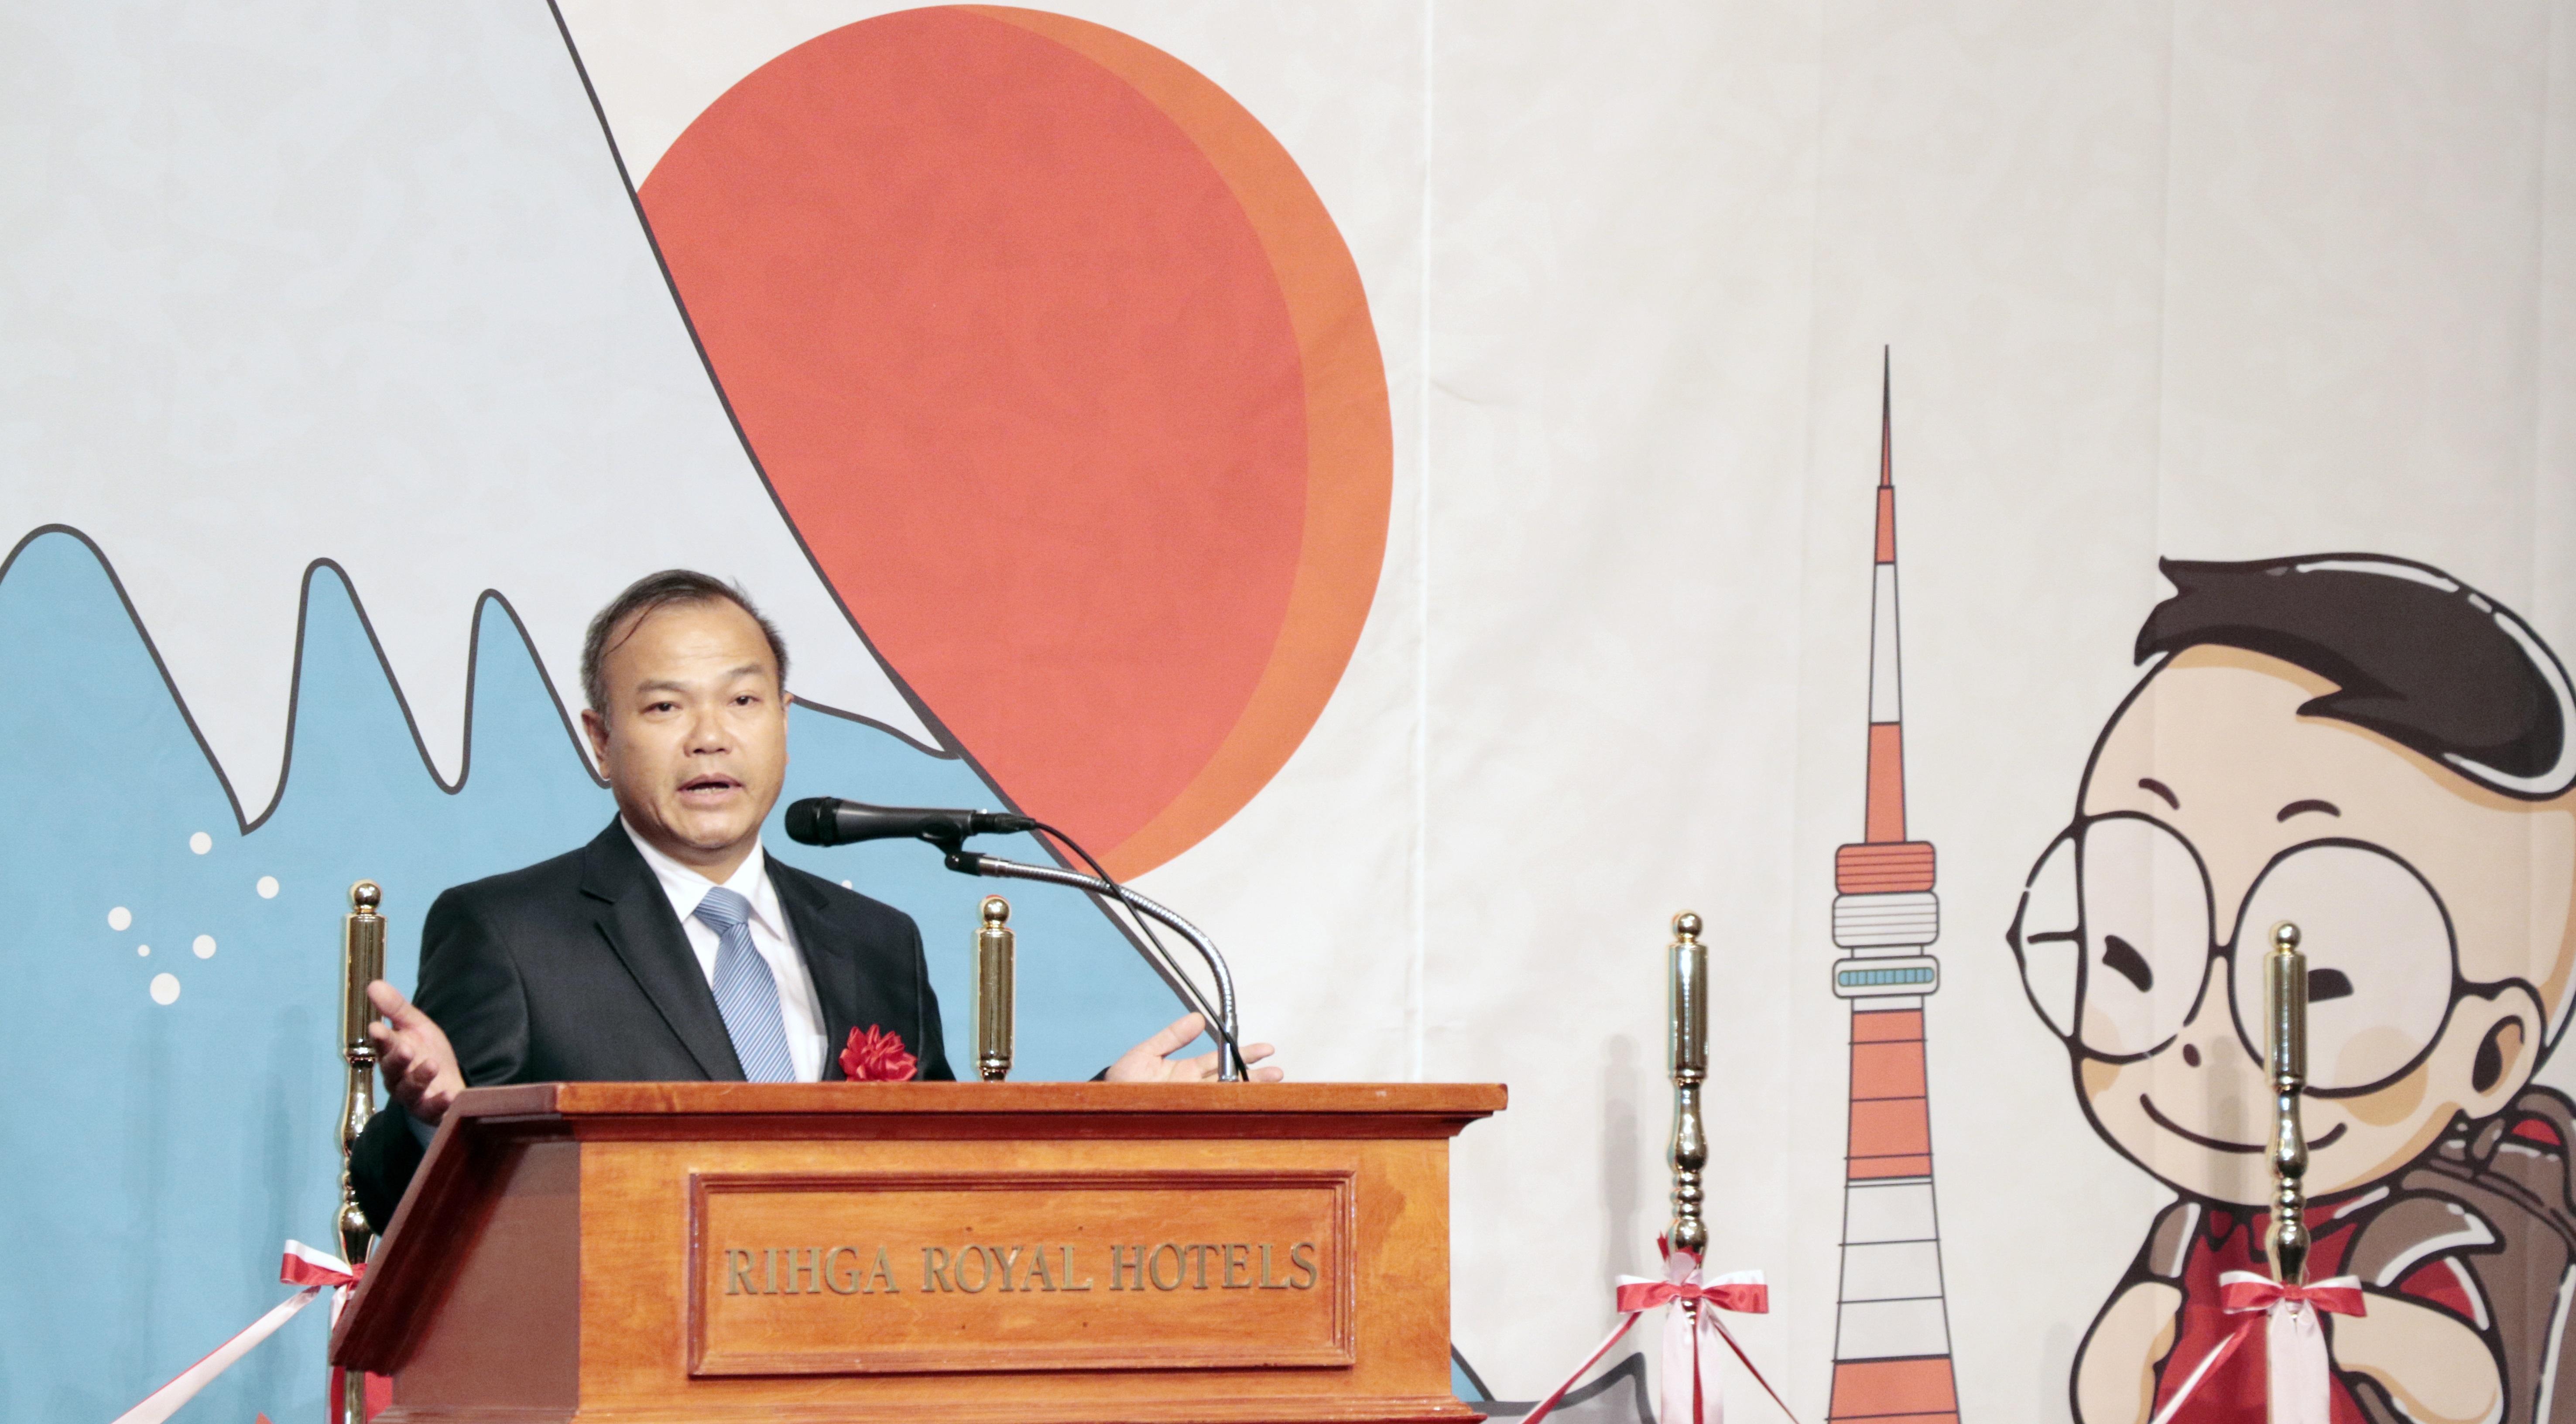 """Chúc mừng FPT Japan, Đại sứ Vũ Hồng Nam chia sẻ, với việc mở trường tiếng, FPT đã và đang đào tạo mỗi nhân viên trở thành đại sứ văn hóa của Việt Nam hòa nhập nhanh với văn hóa, xã hội của Nhật Bản. Sự trưởng thành của FPT Japan kèm theo niềm tự hào và phát huy sự nổi tiếng của người Việt Nam đối với các bạn Nhật Bản. """"Tôi nhận thấy FPT như một dòng sông luôn chảy, không một ngày nào tôi gặp FPT cũ, FPT luôn mới"""", Đại sứ nói."""